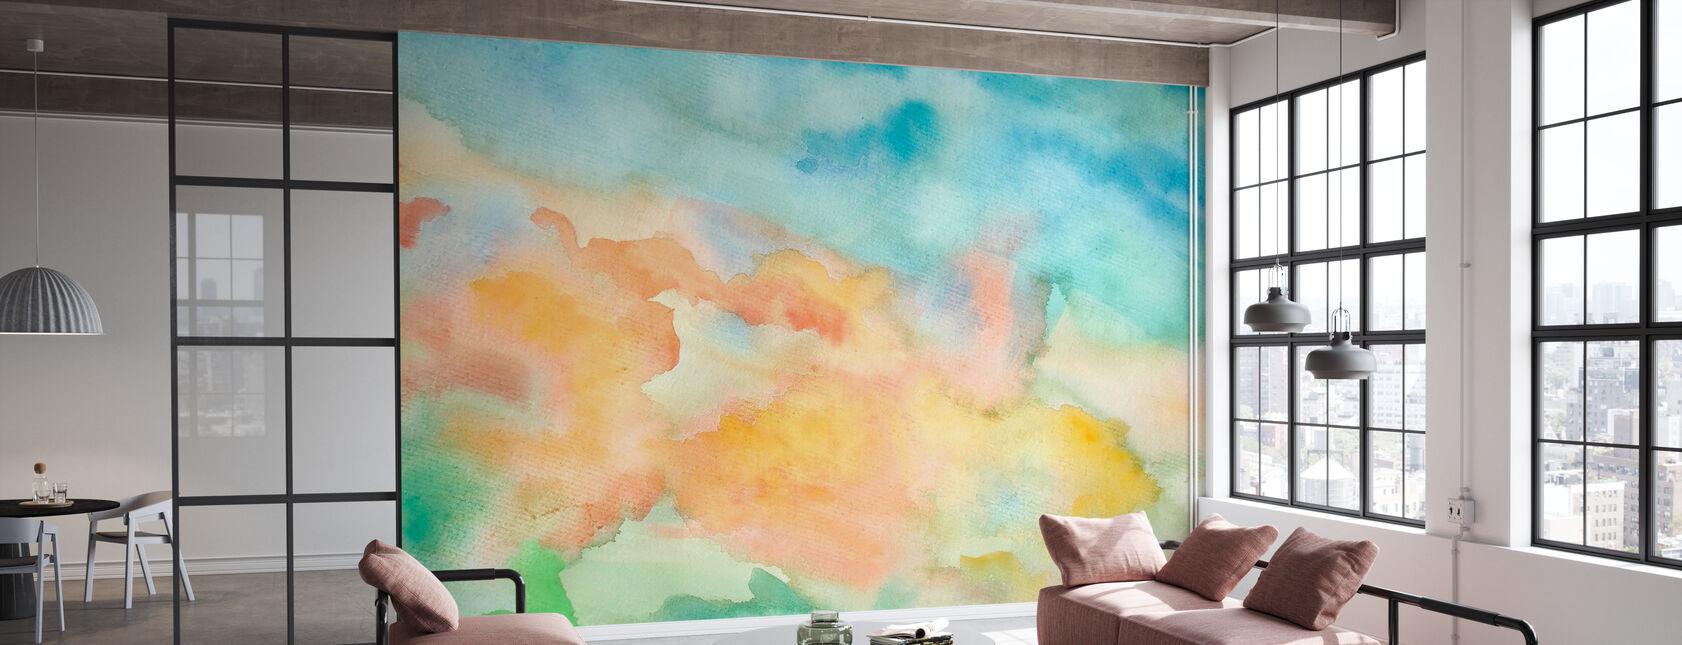 Aquarelle abstraite Ciel - Papier peint - Bureau